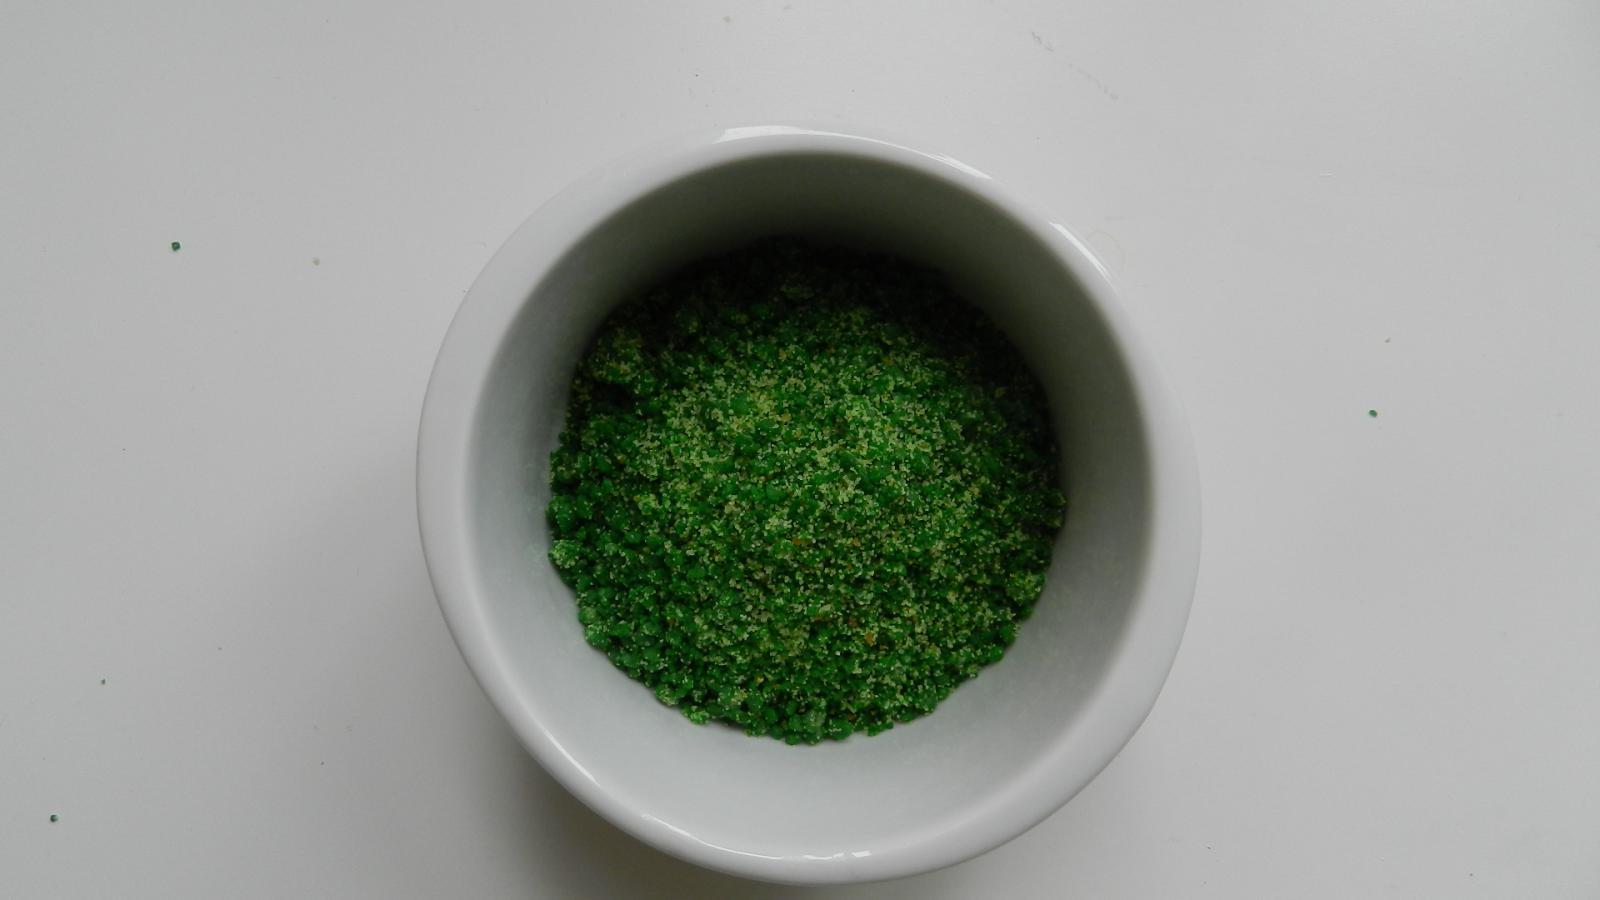 Имеет малахитово-зелёный цвет - DSCN0334.JPG